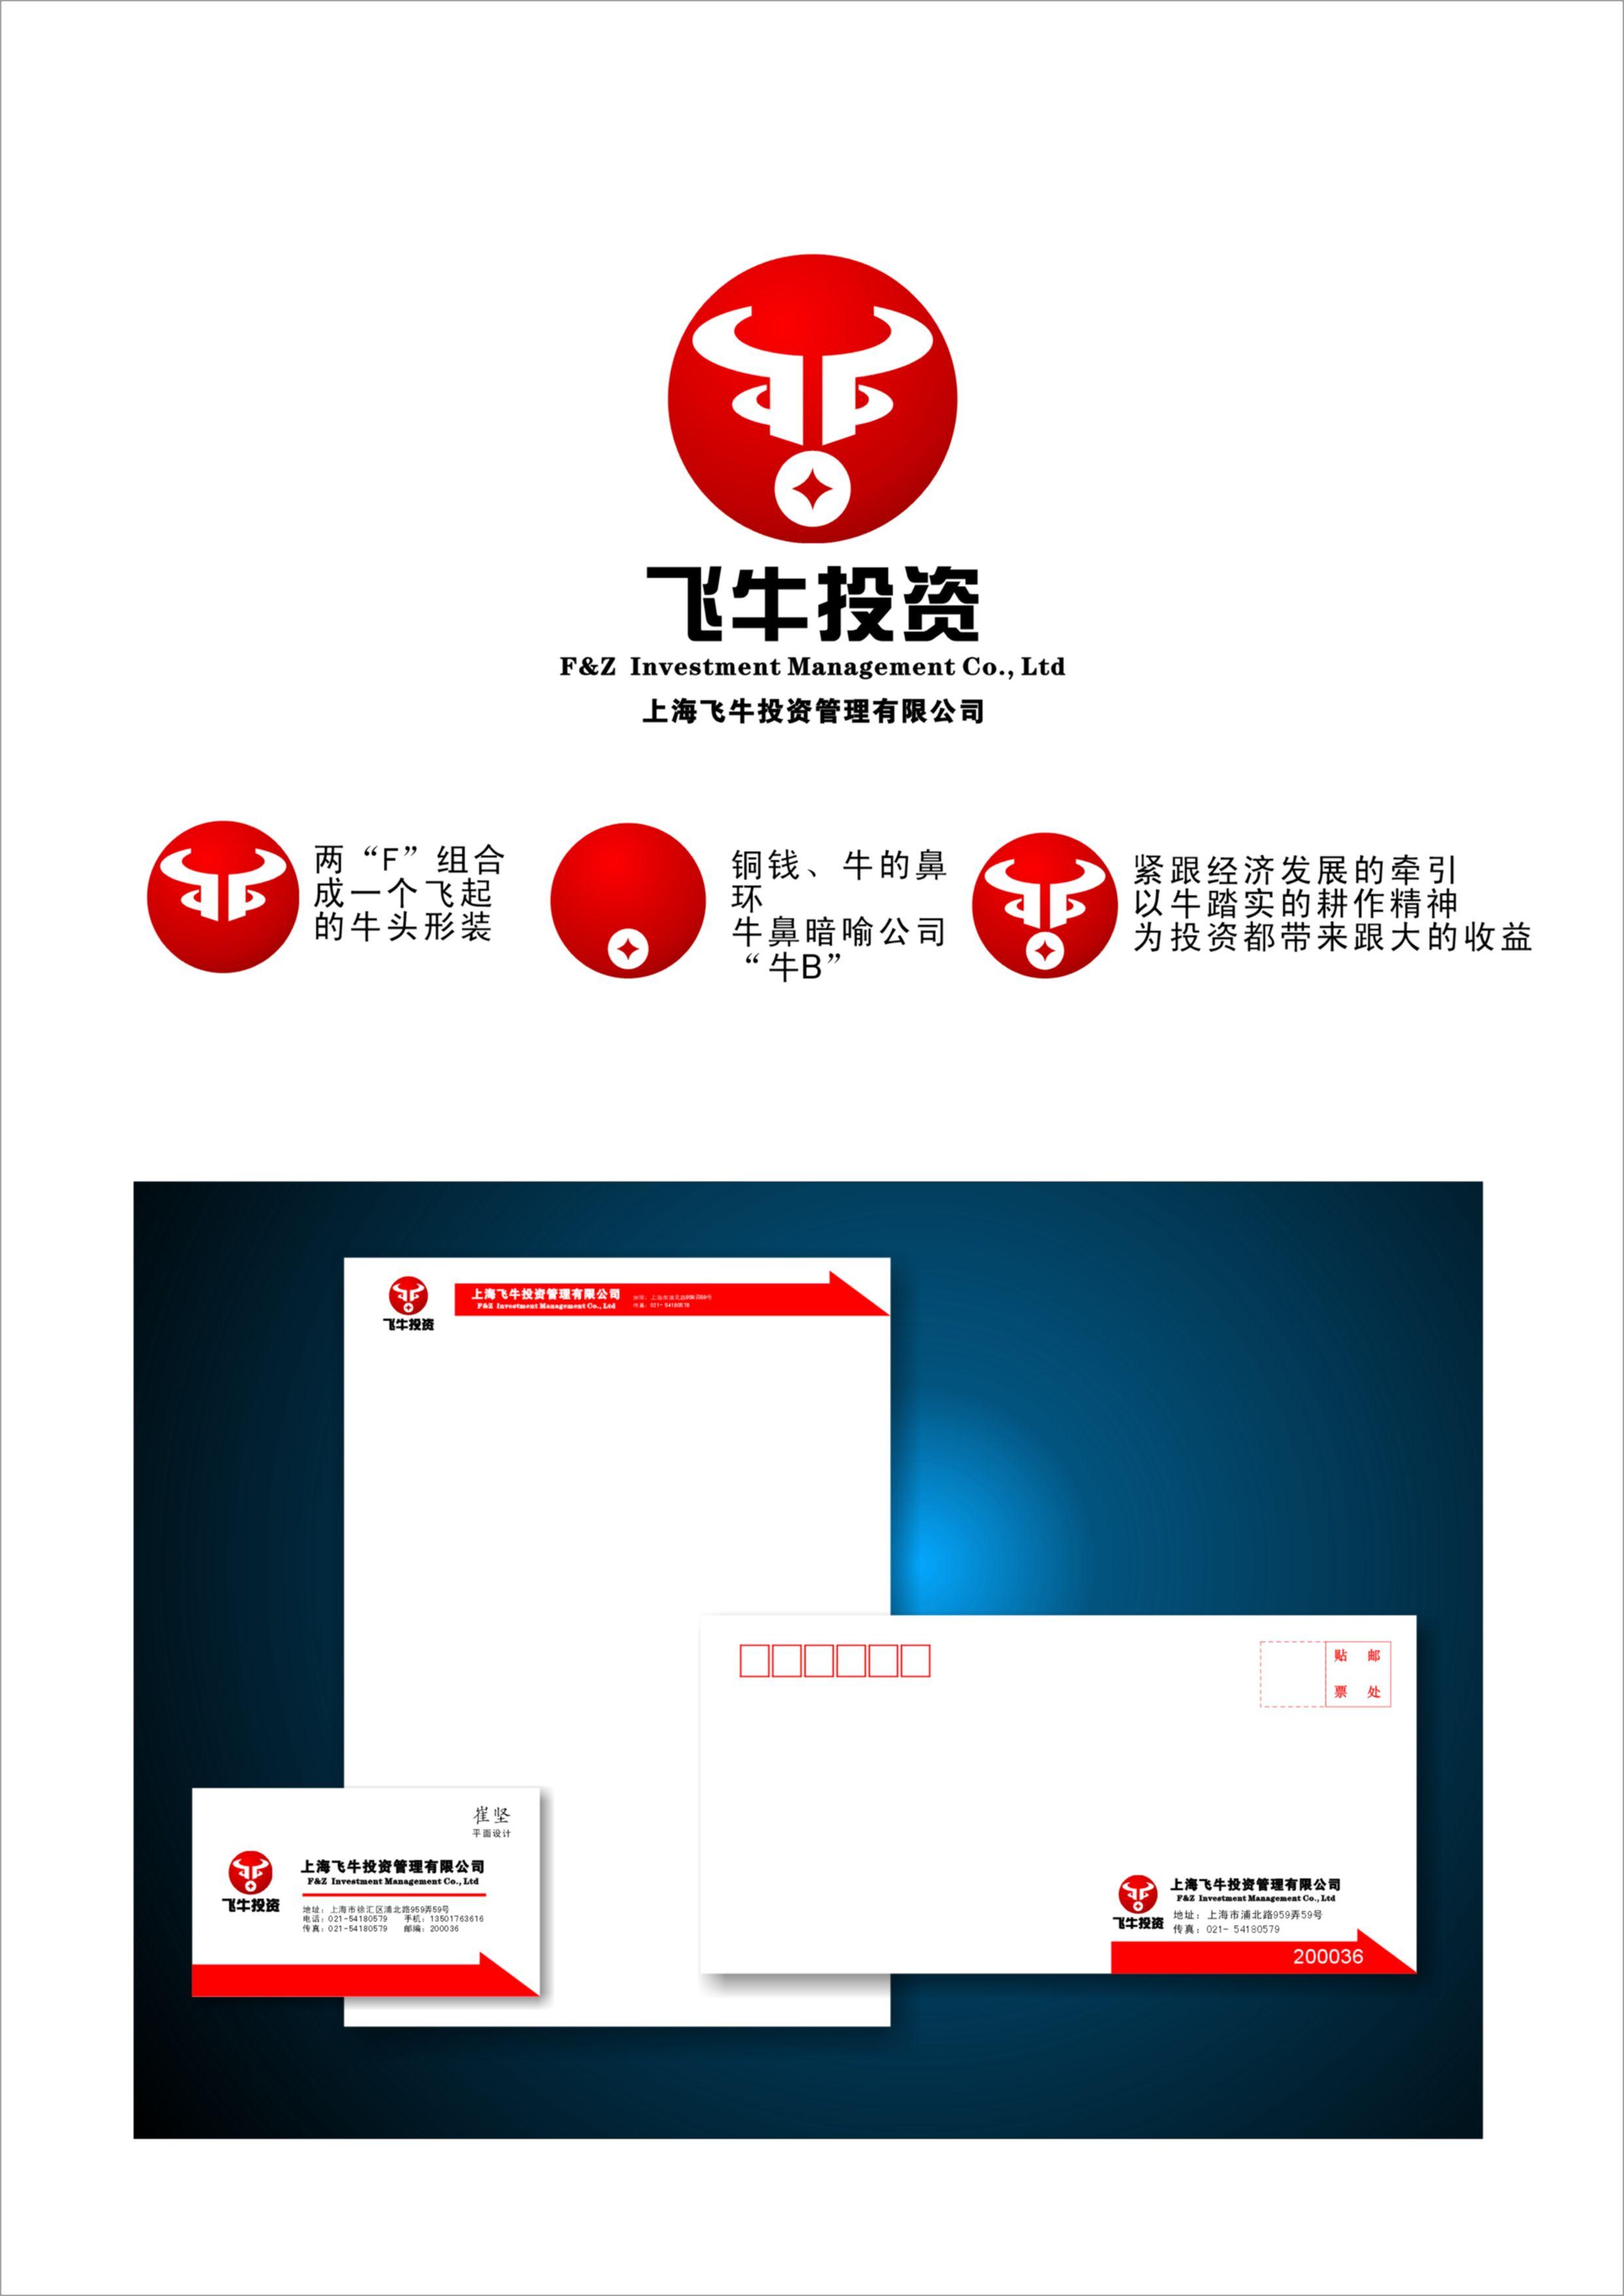 飞牛公司logo 及名片设计